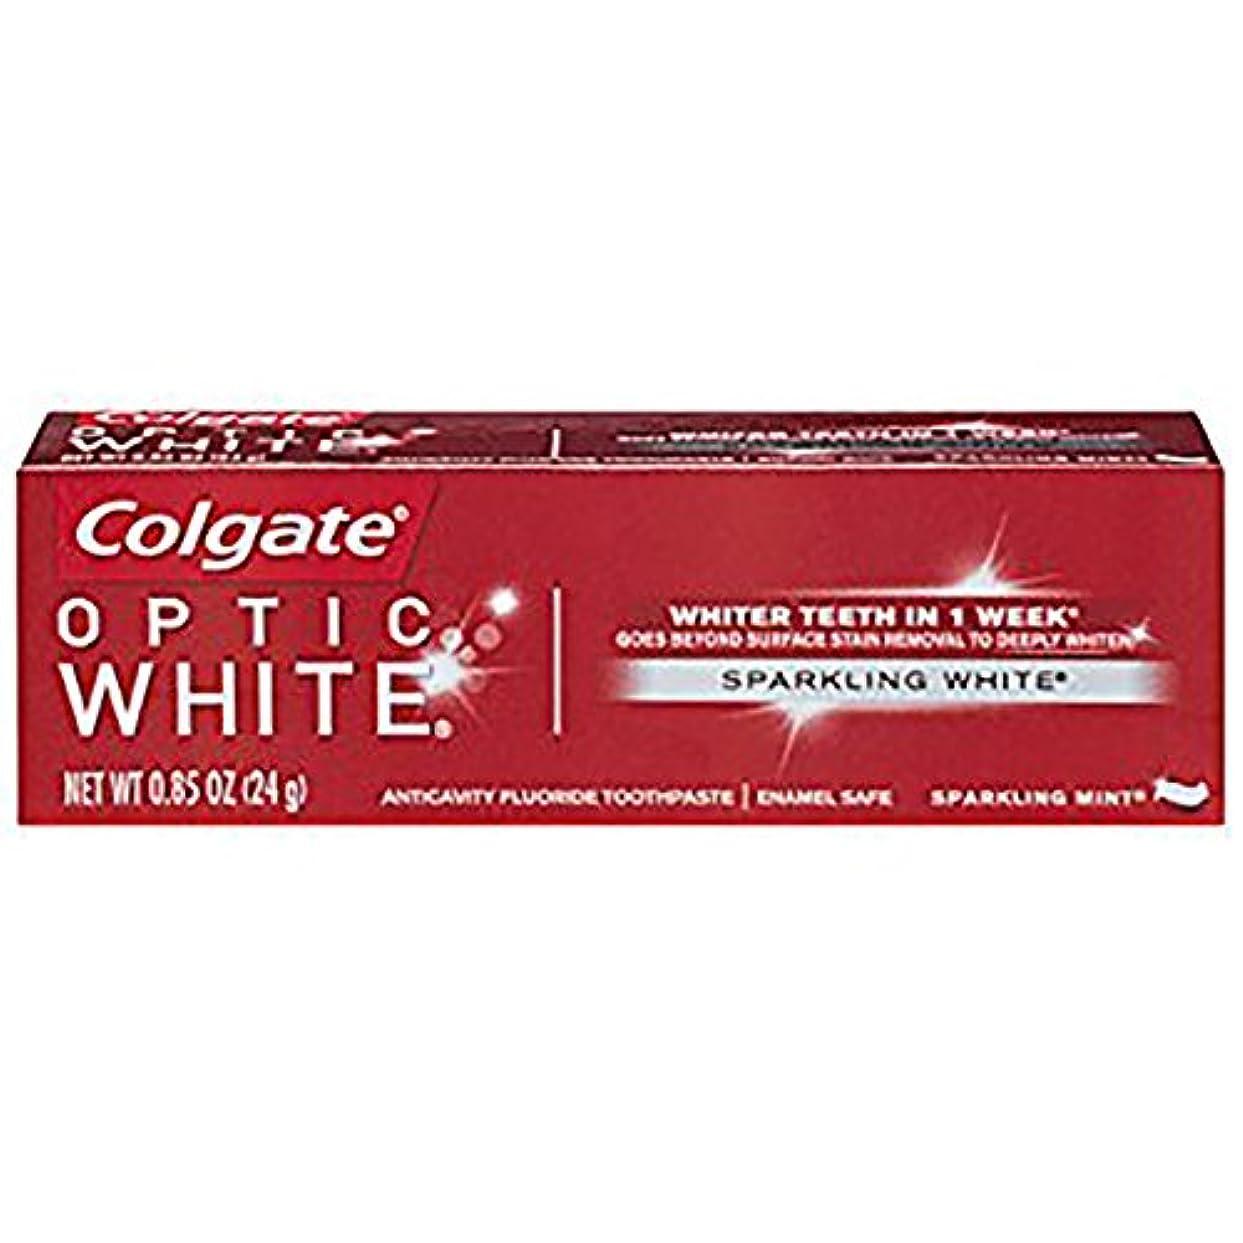 抜本的な請求書ベーシックコルゲート ホワイトニング Colgate 24g Optic White Sparkling White 白い歯 歯磨き粉 ミント